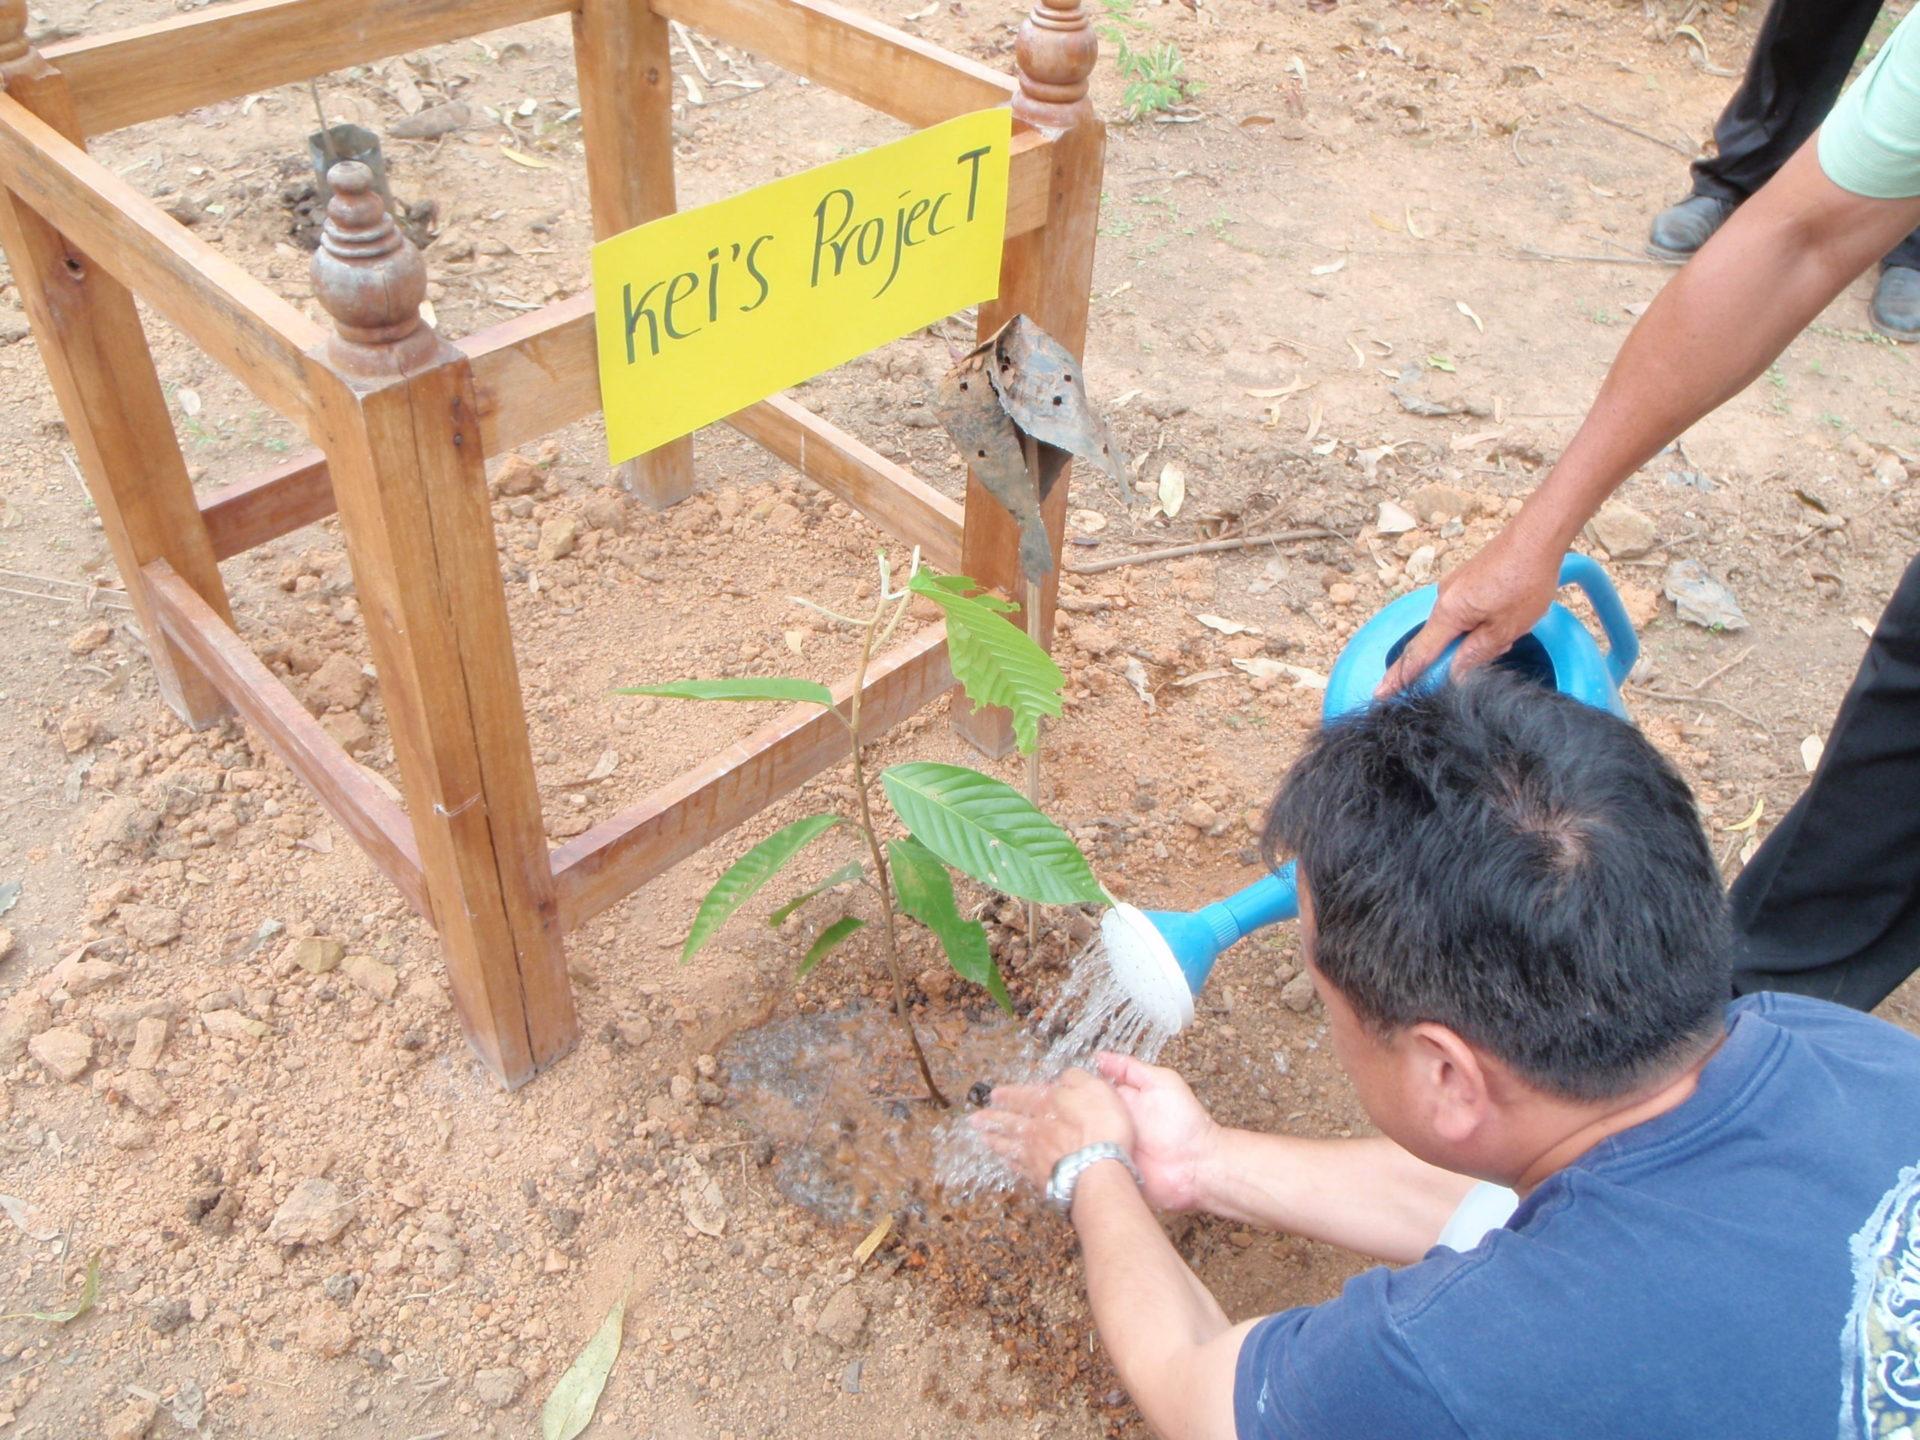 タイ森林局の協力を得て地元の方々と植樹